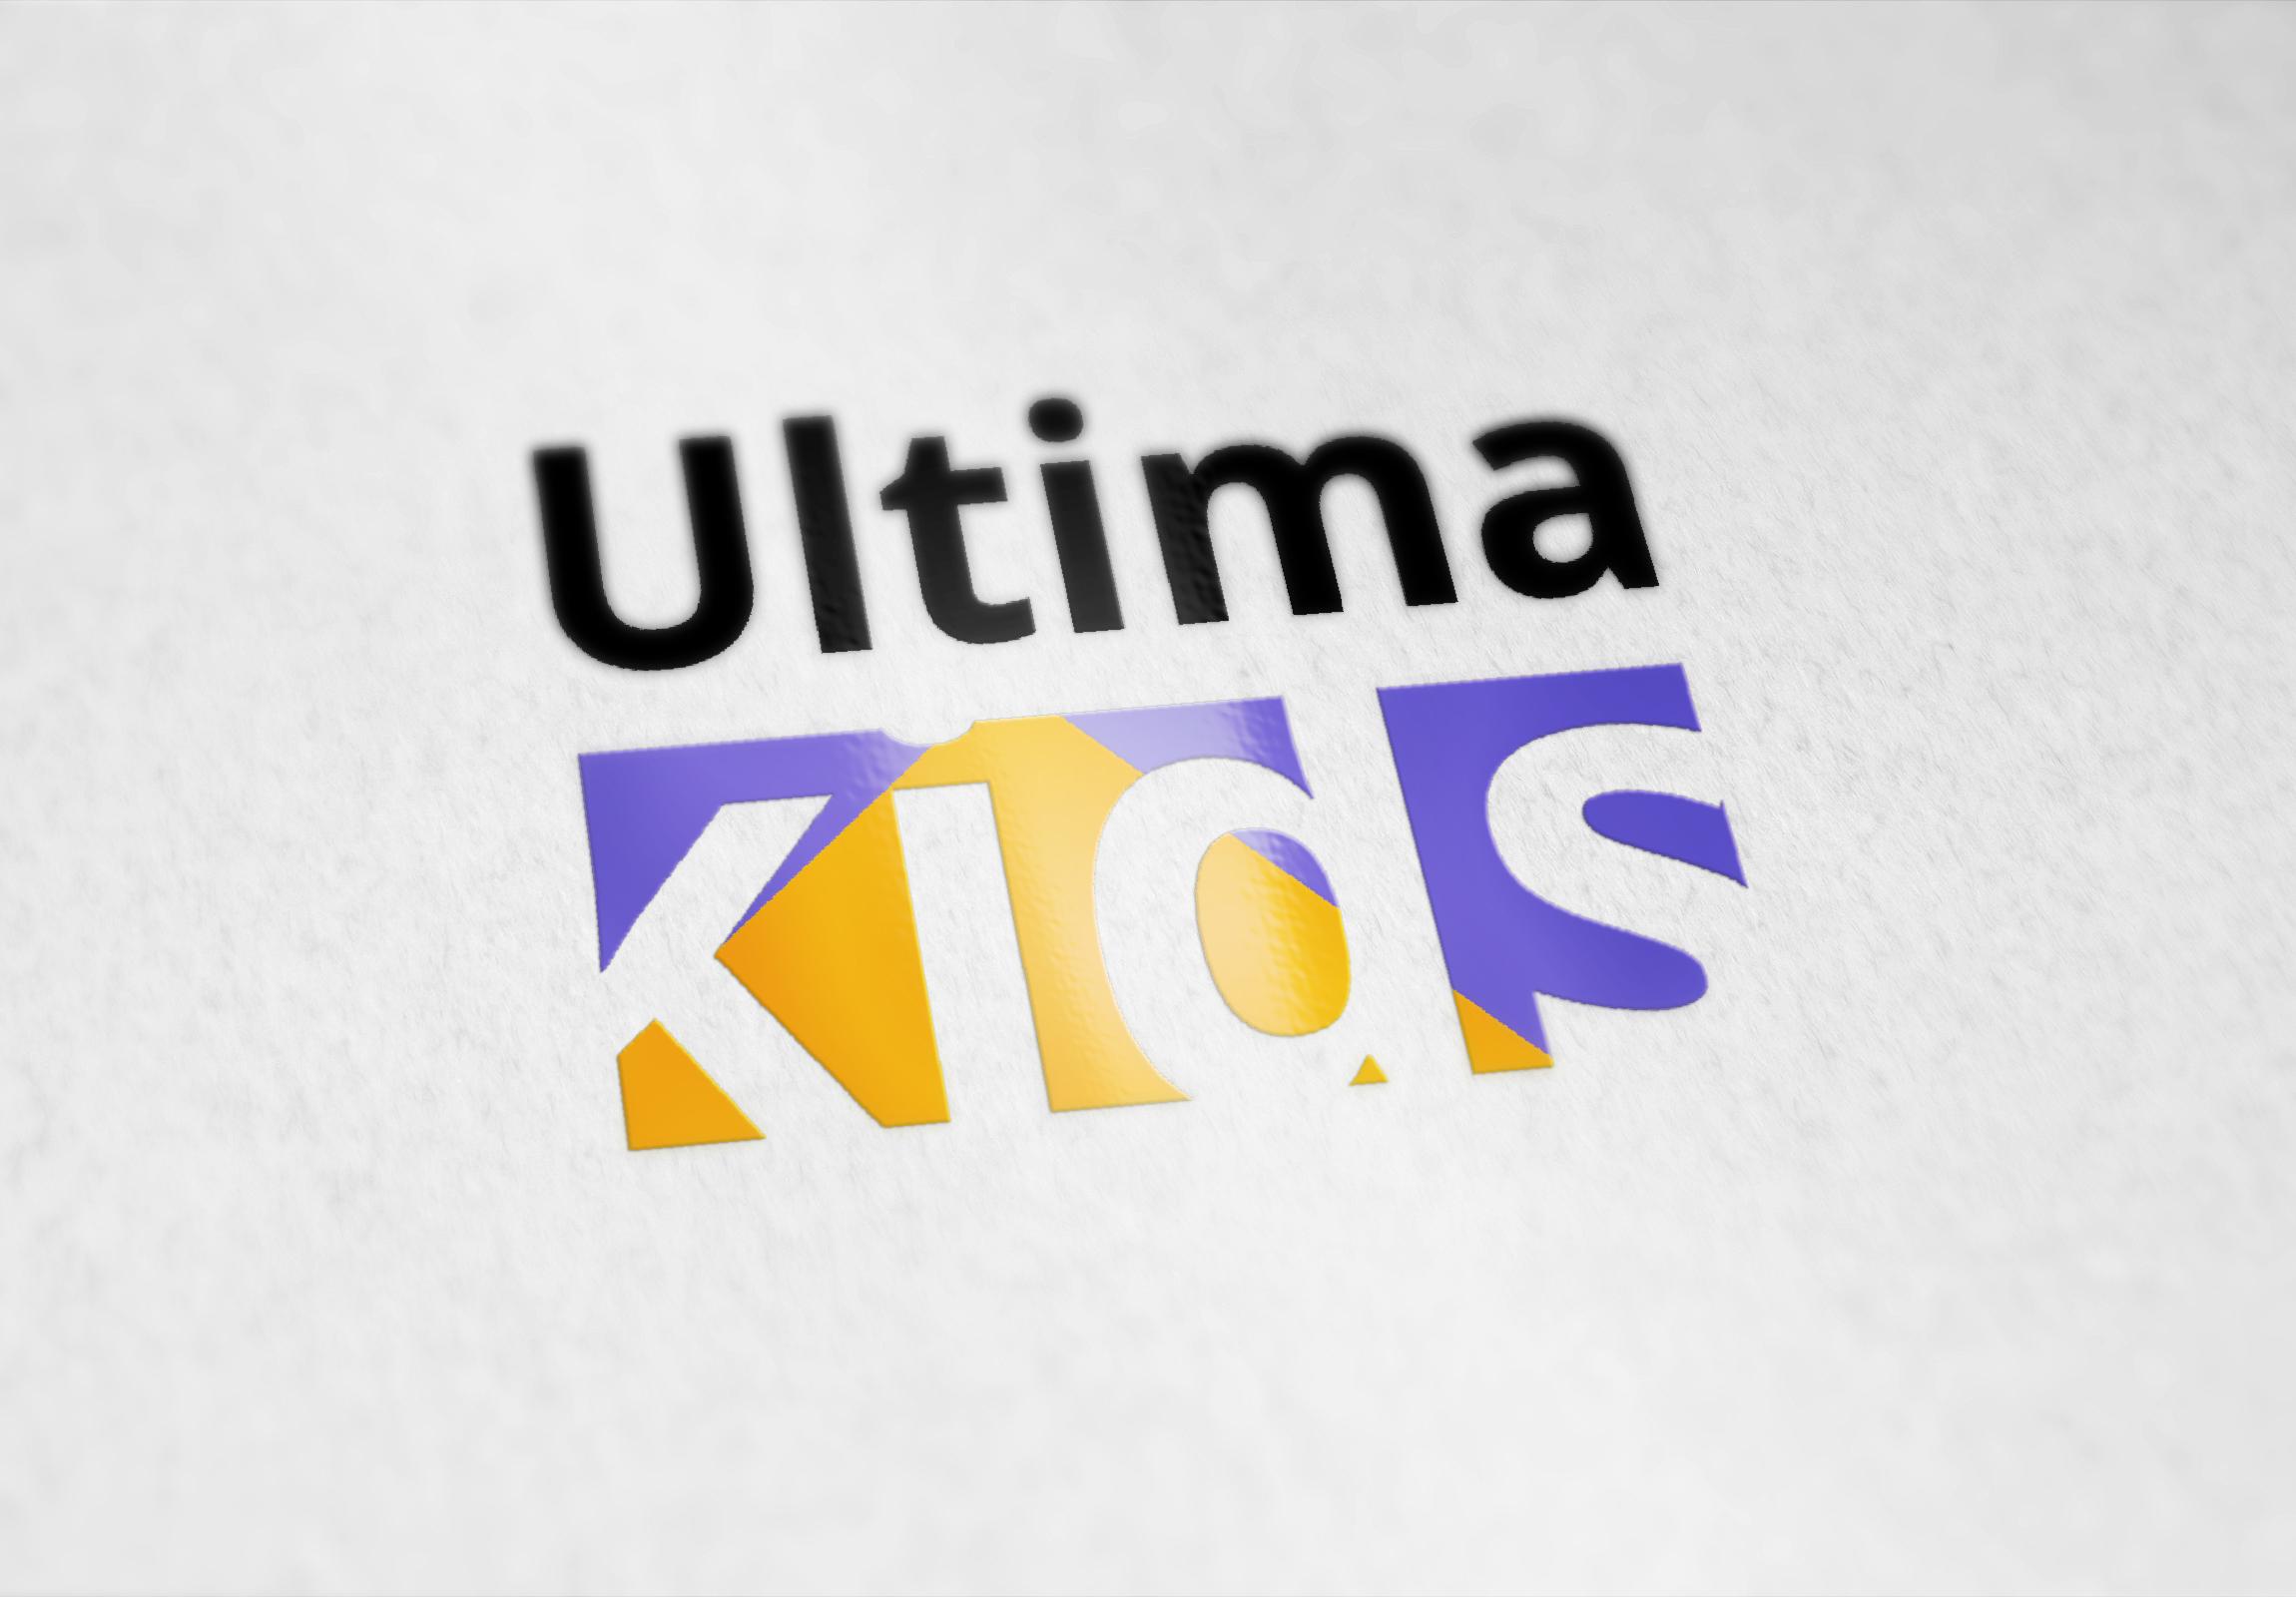 Дизайн логотипа для детского магазина фото f_3585bc4066cc9b54.jpg